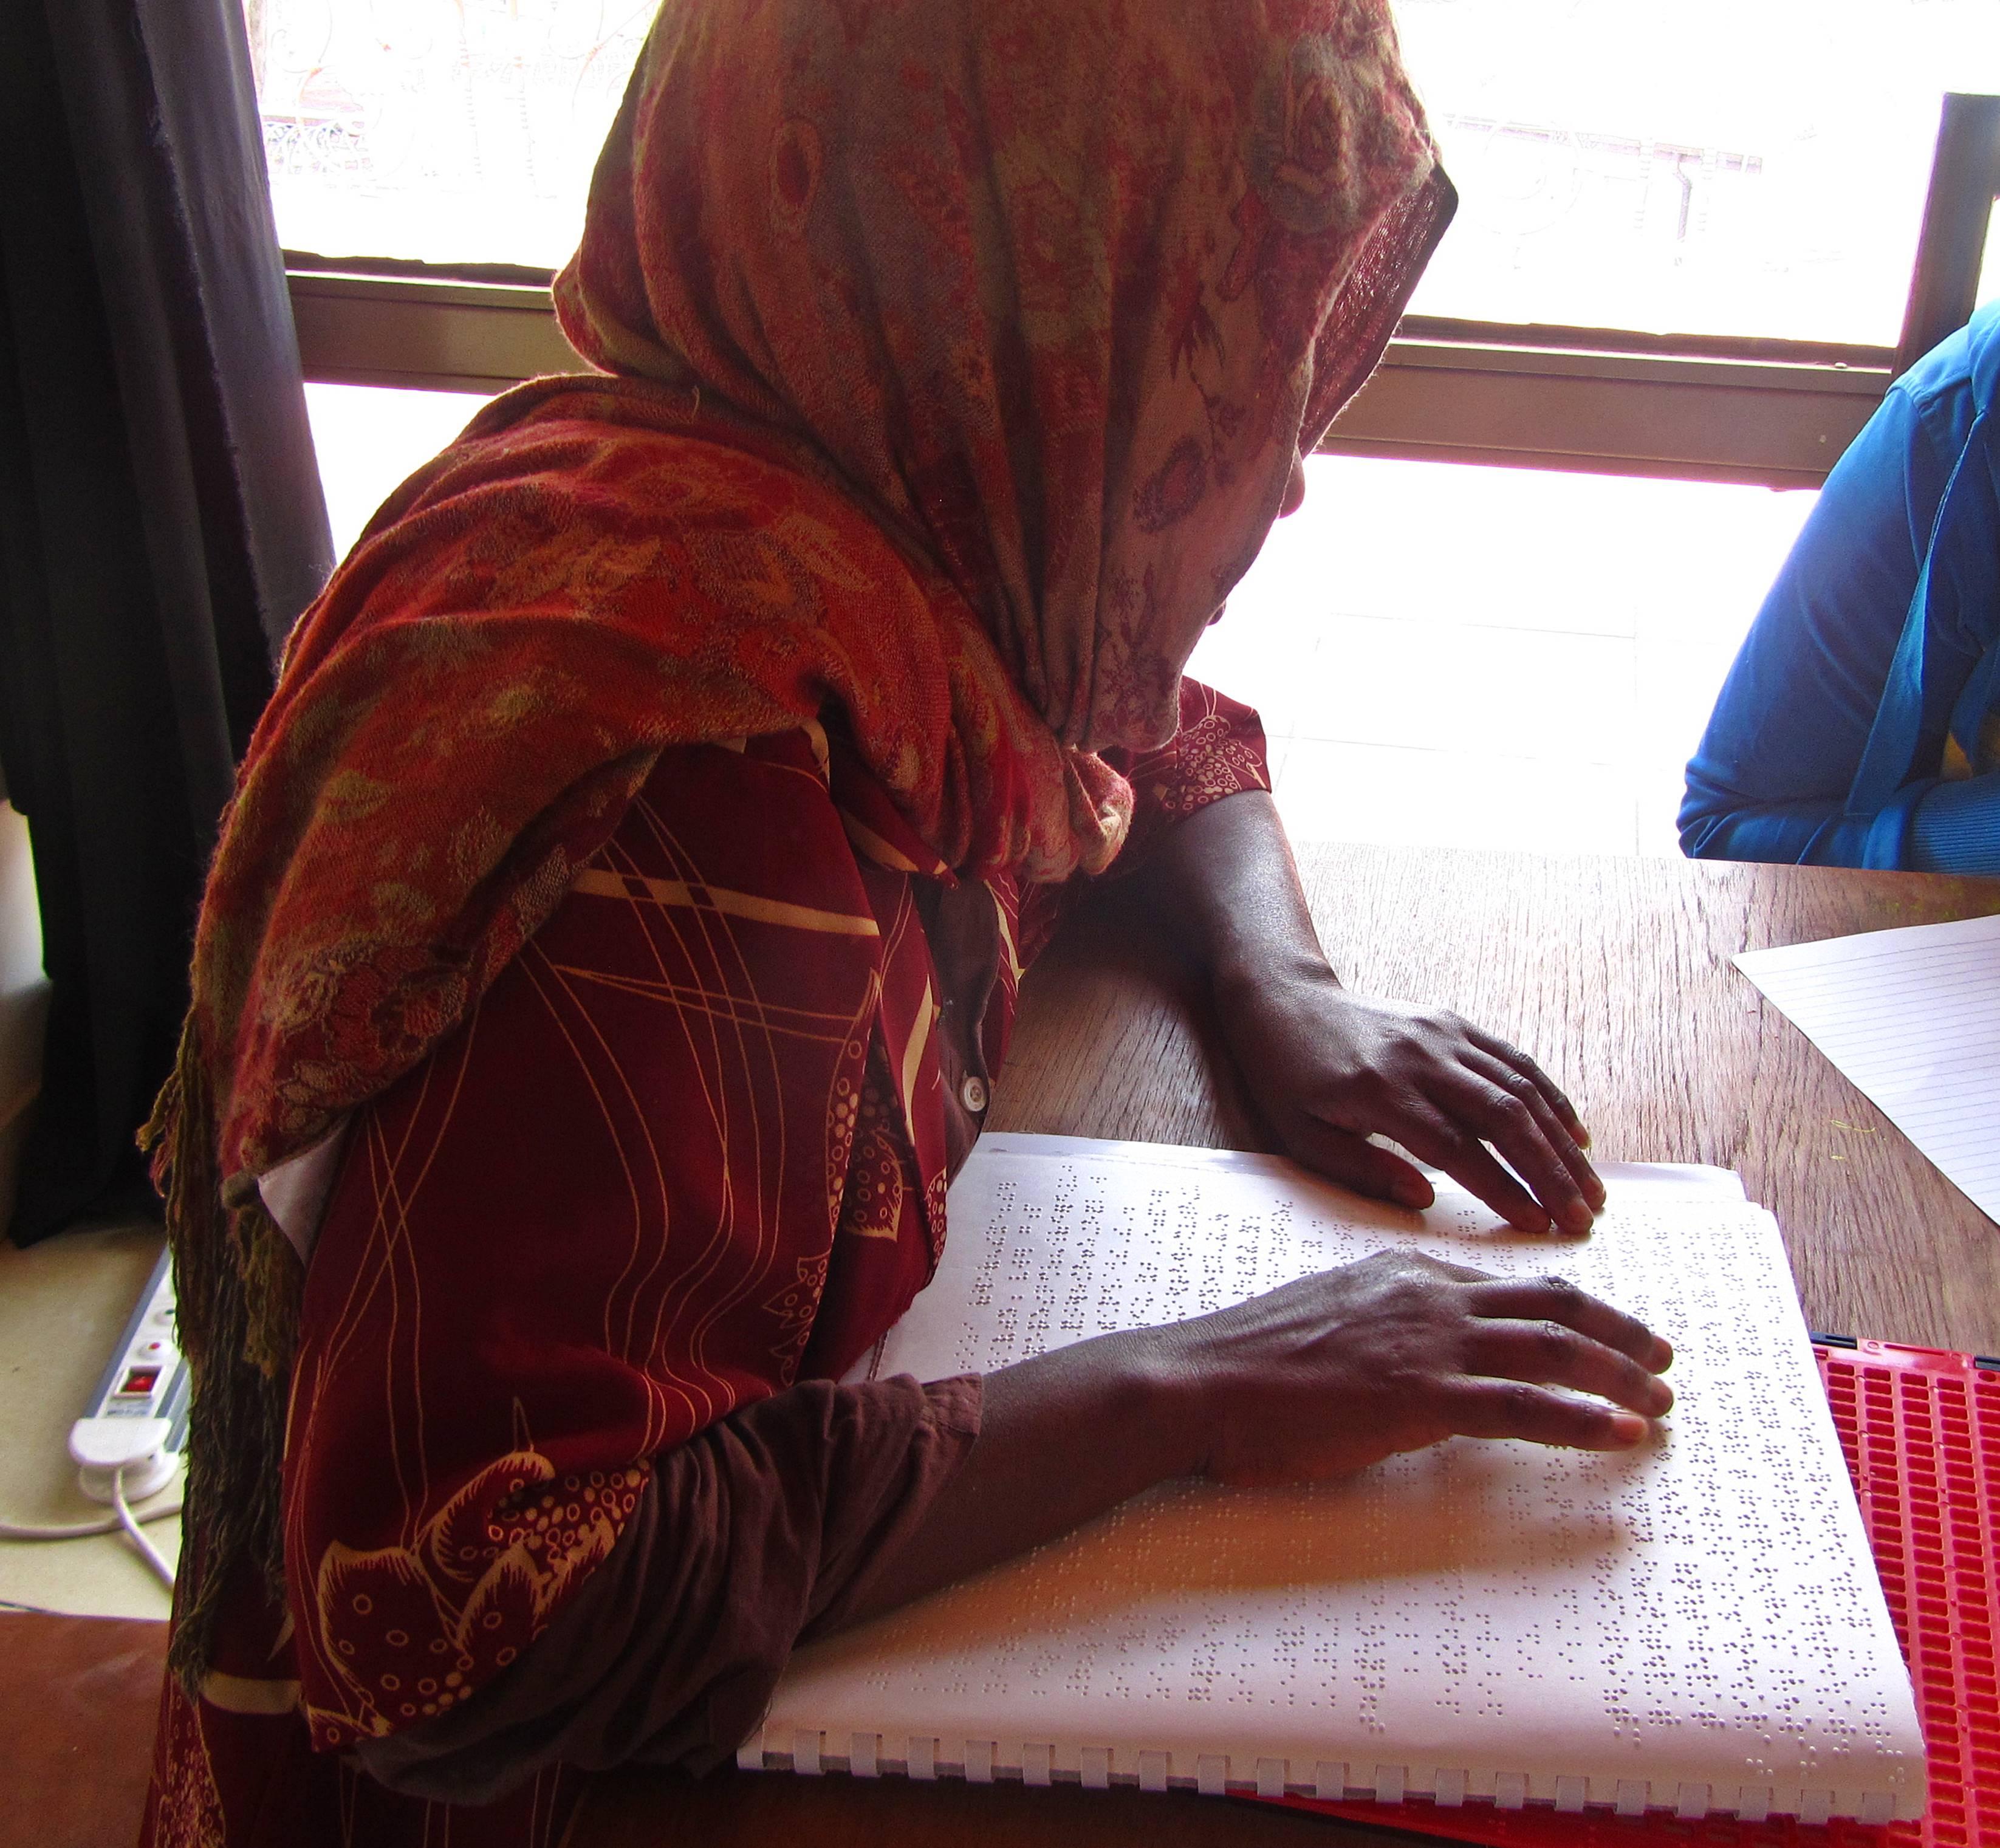 Together - Hilfe für blinde Menschen in Äthiopien